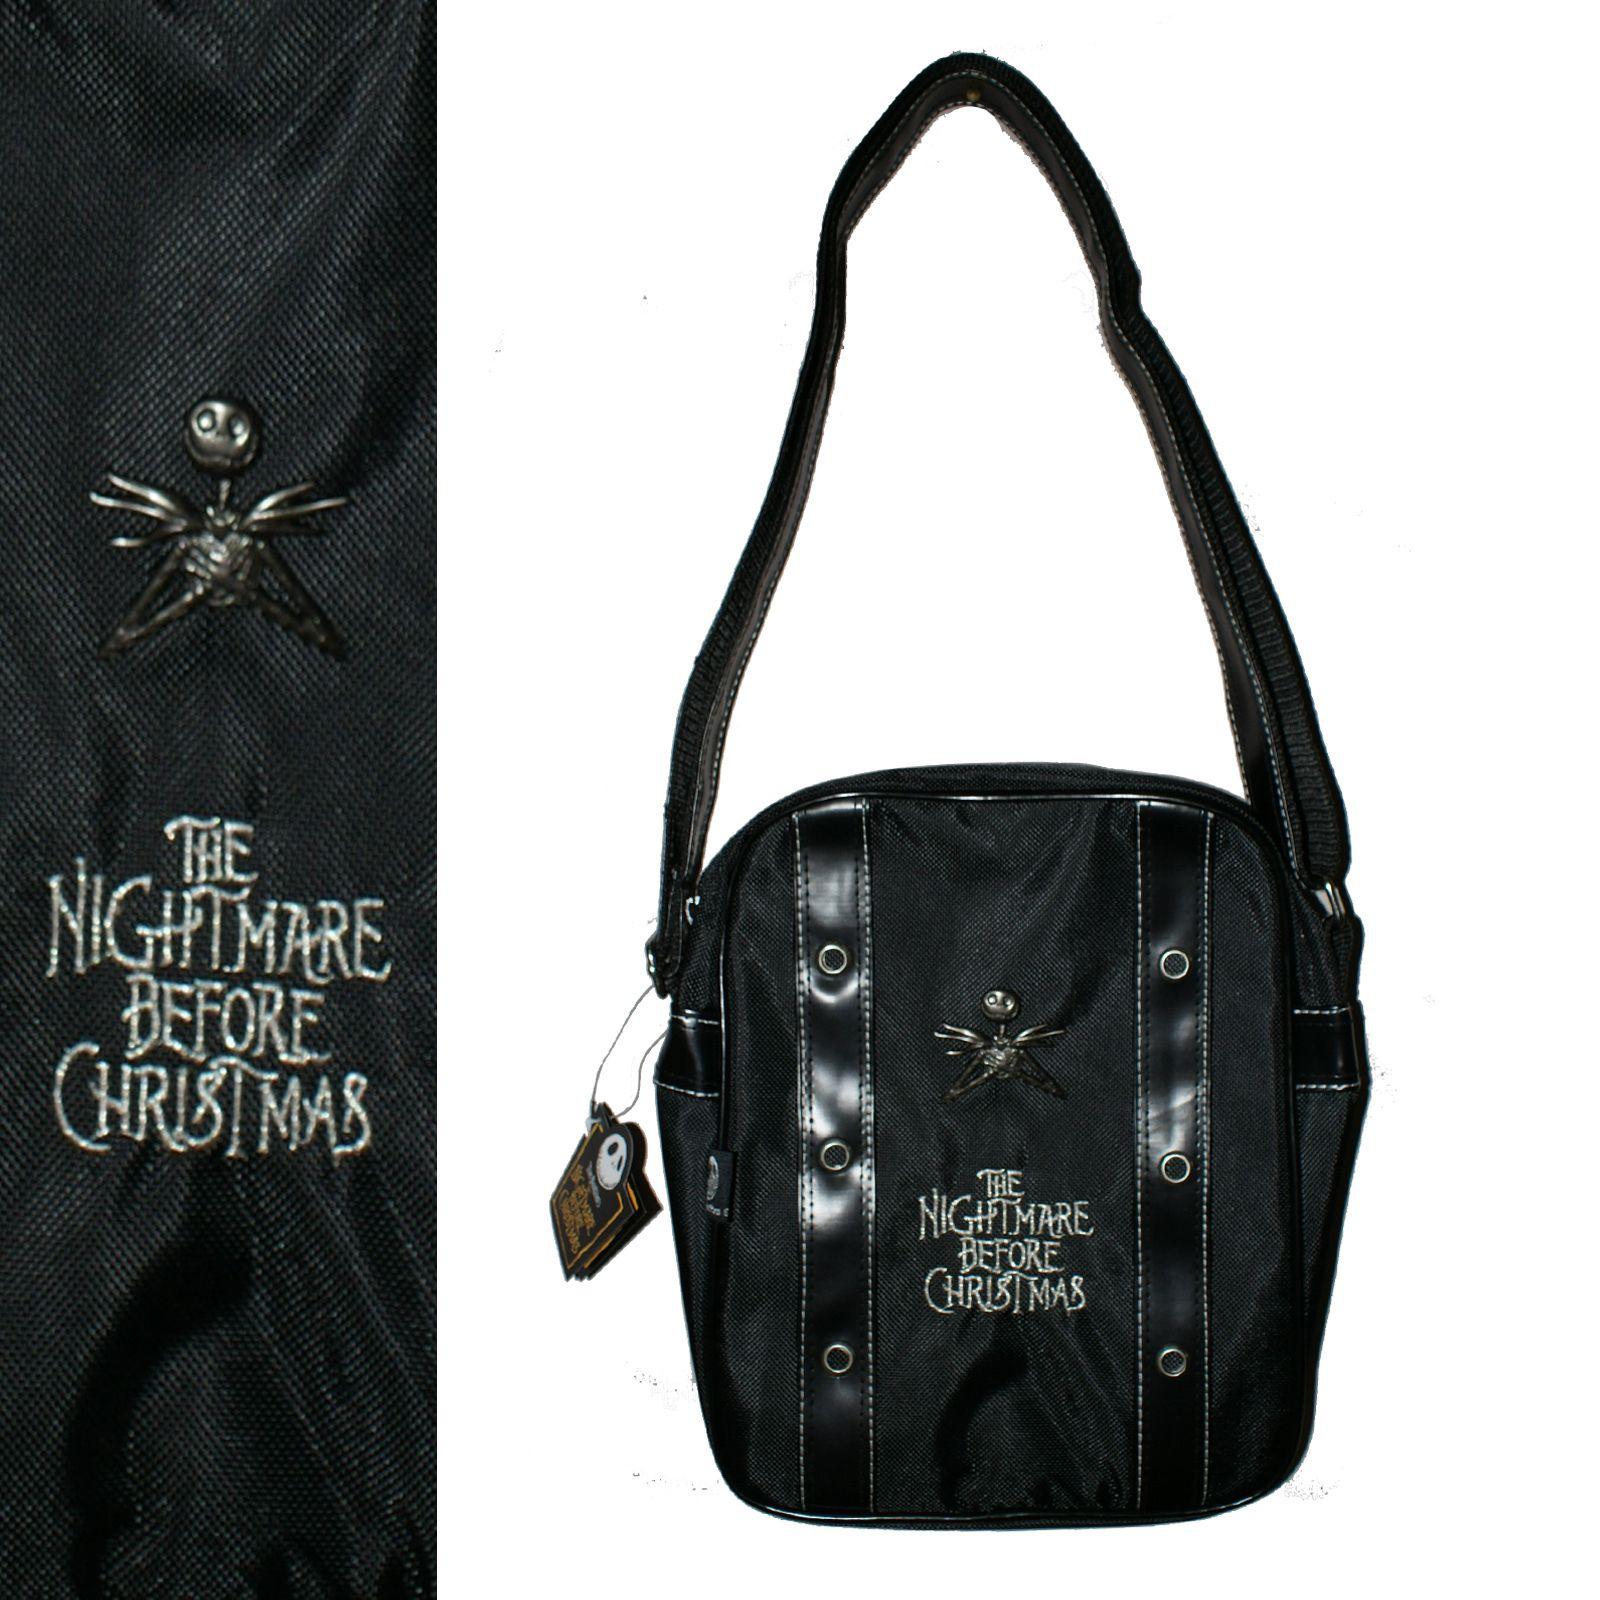 http://www.ebay.com/itm/Nightmare-Before-Christmas-NBC-Shoulder-Bag-Official-Movie-Merchandise-/160891034252?pt=UK_Women_s_Handbags=item2575da5a8c